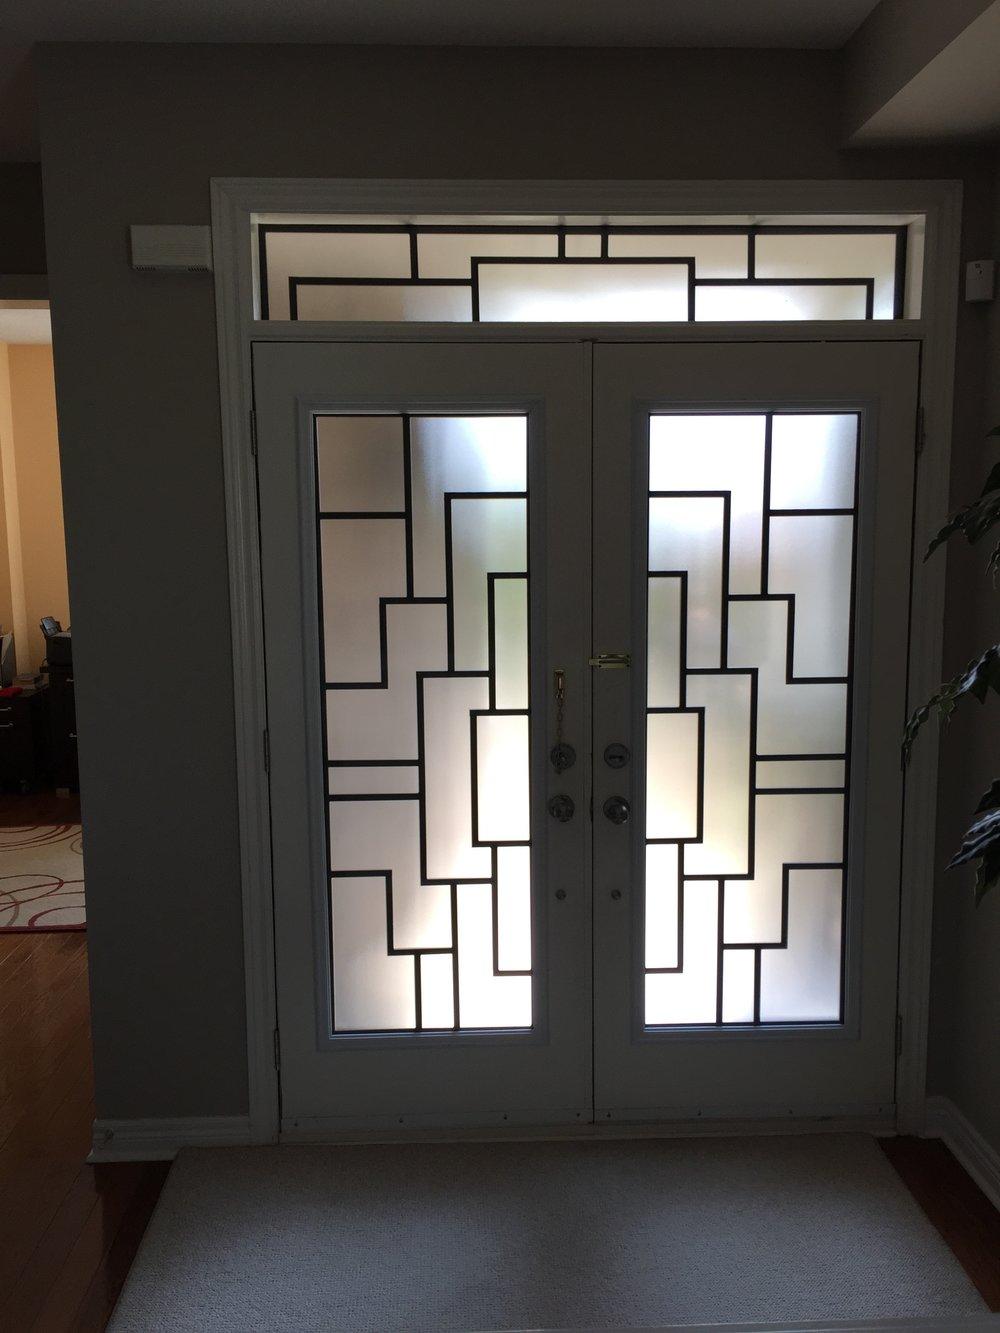 Malibu-Wrrought-Iron-Glass-Door-Inserts-Brampton-Ontario